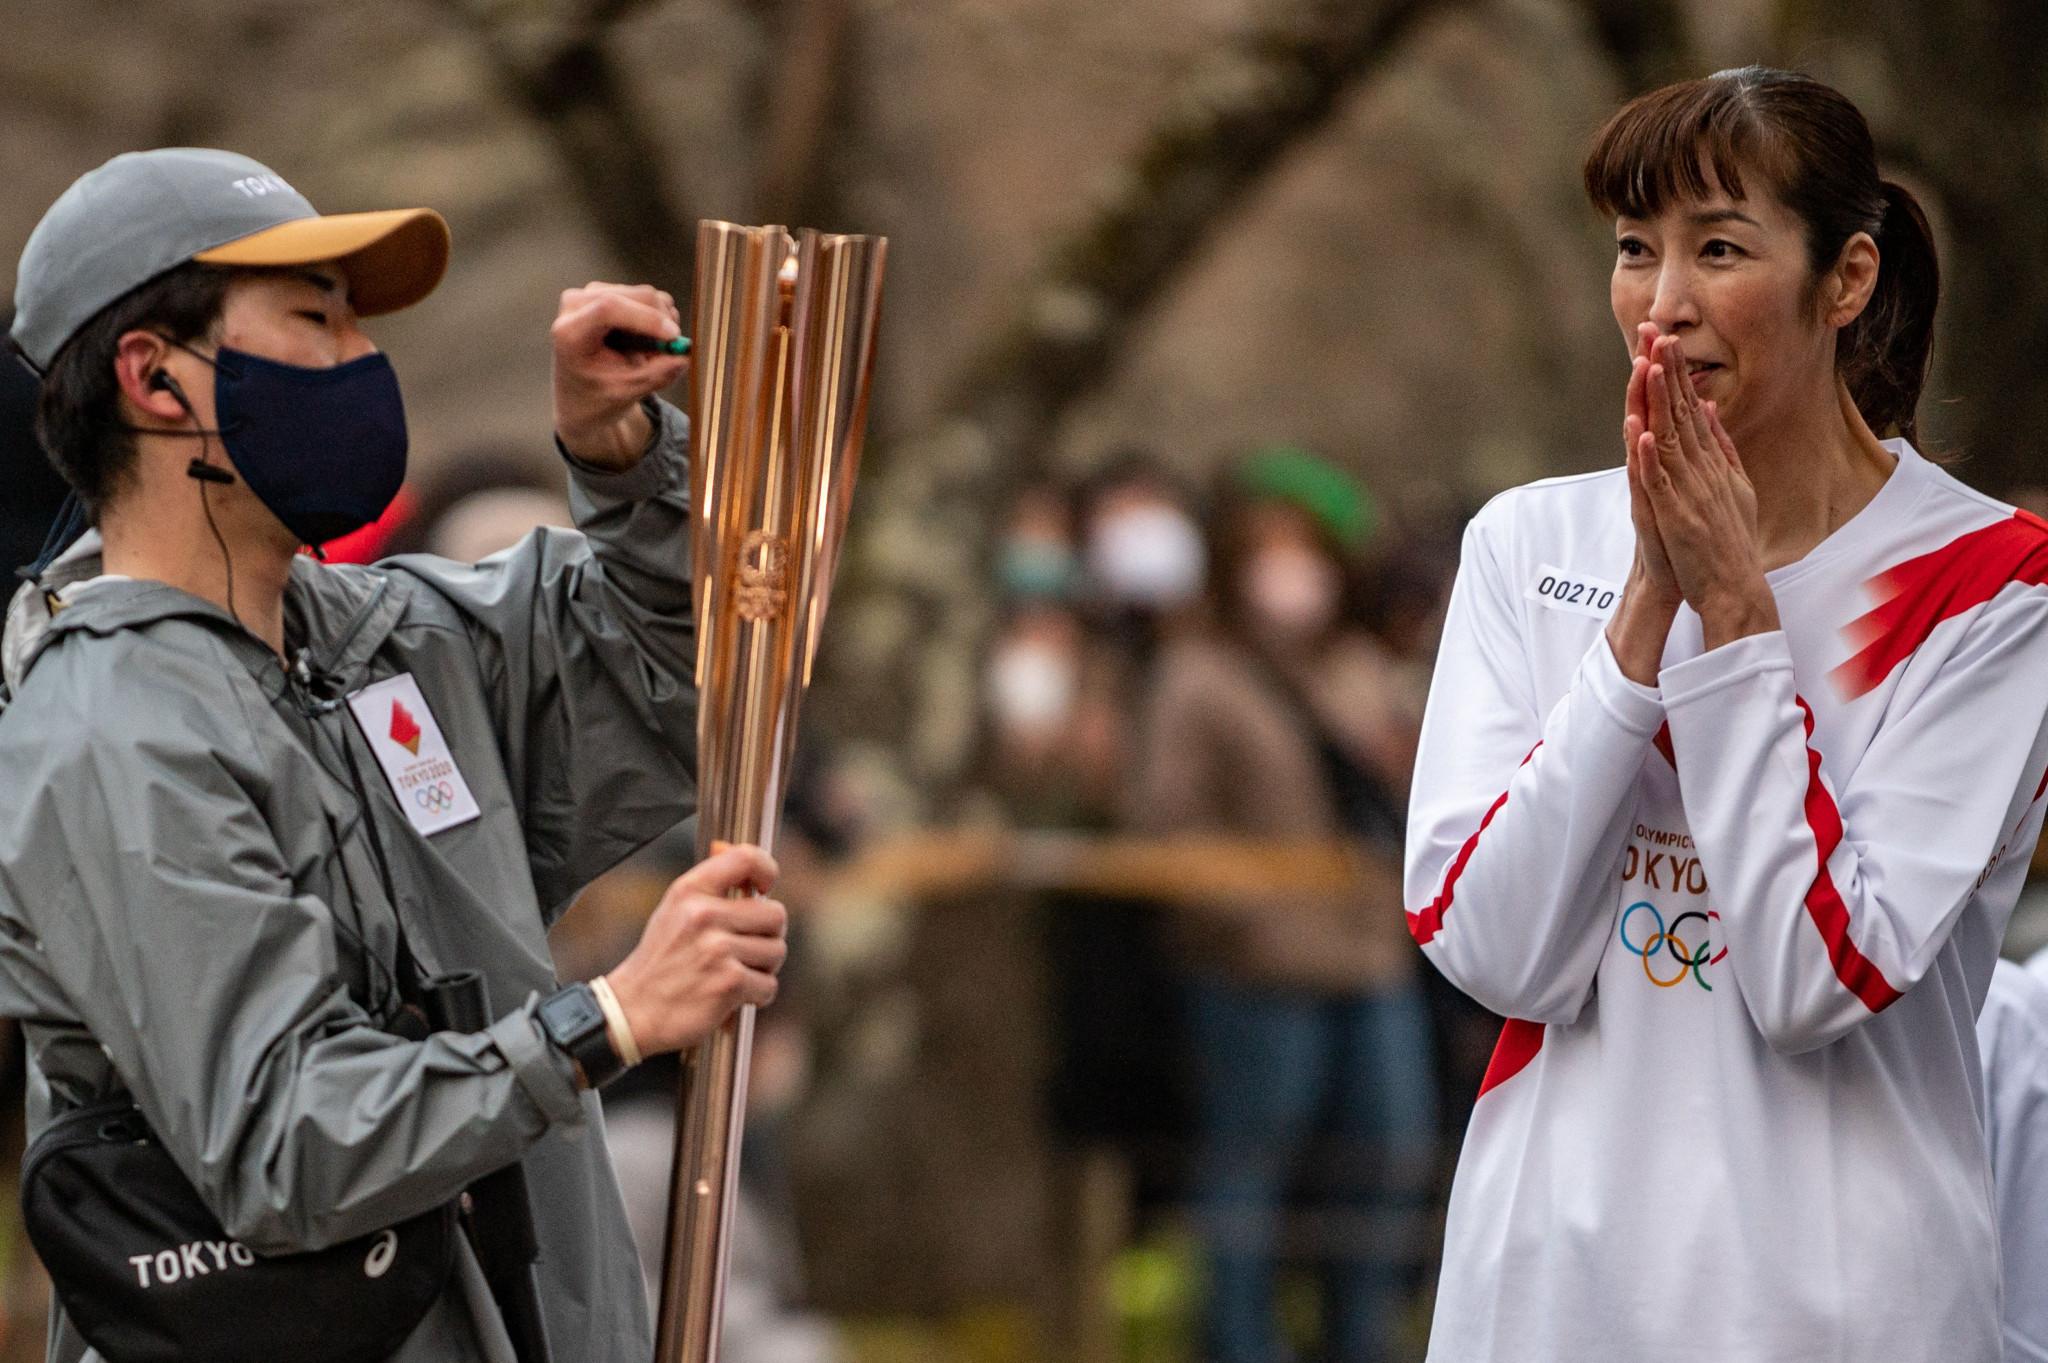 Organizadores de Tokio permiten mujeres participen en Relevo de la Antorcha